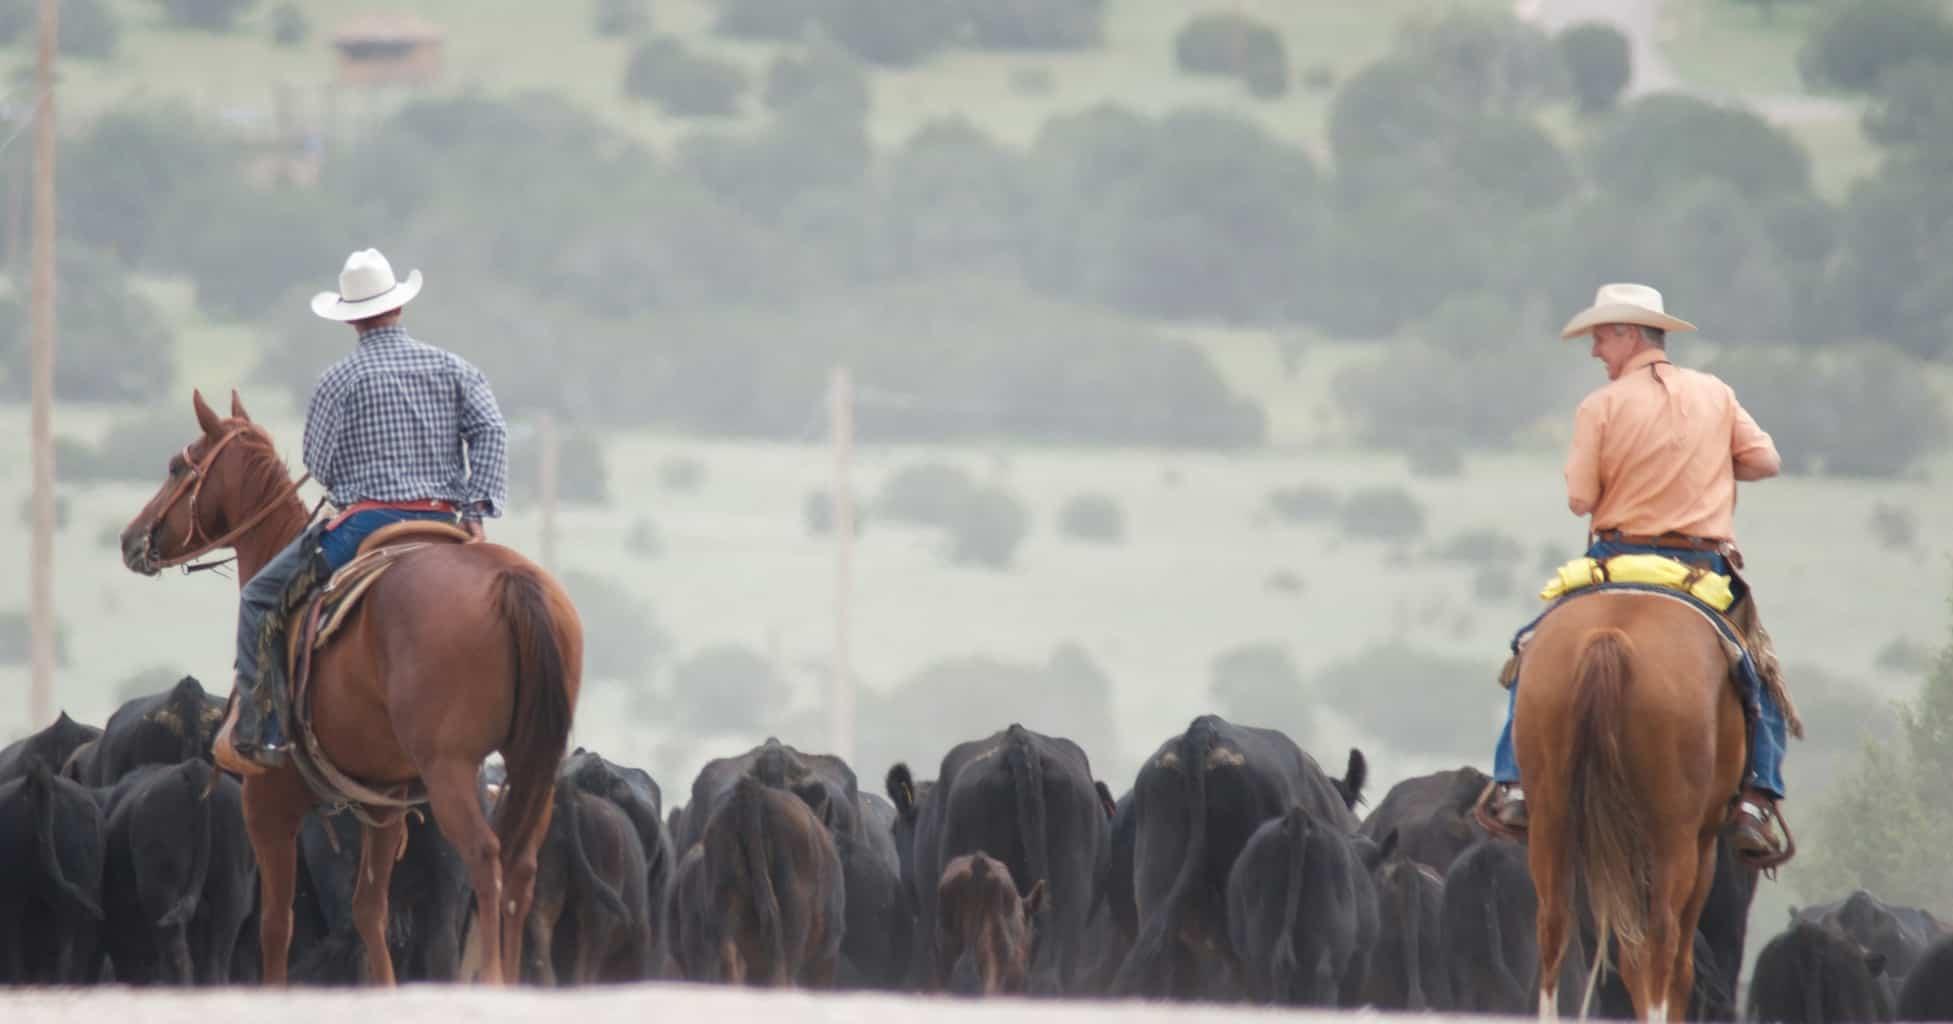 Two men on horseback herding cattle.